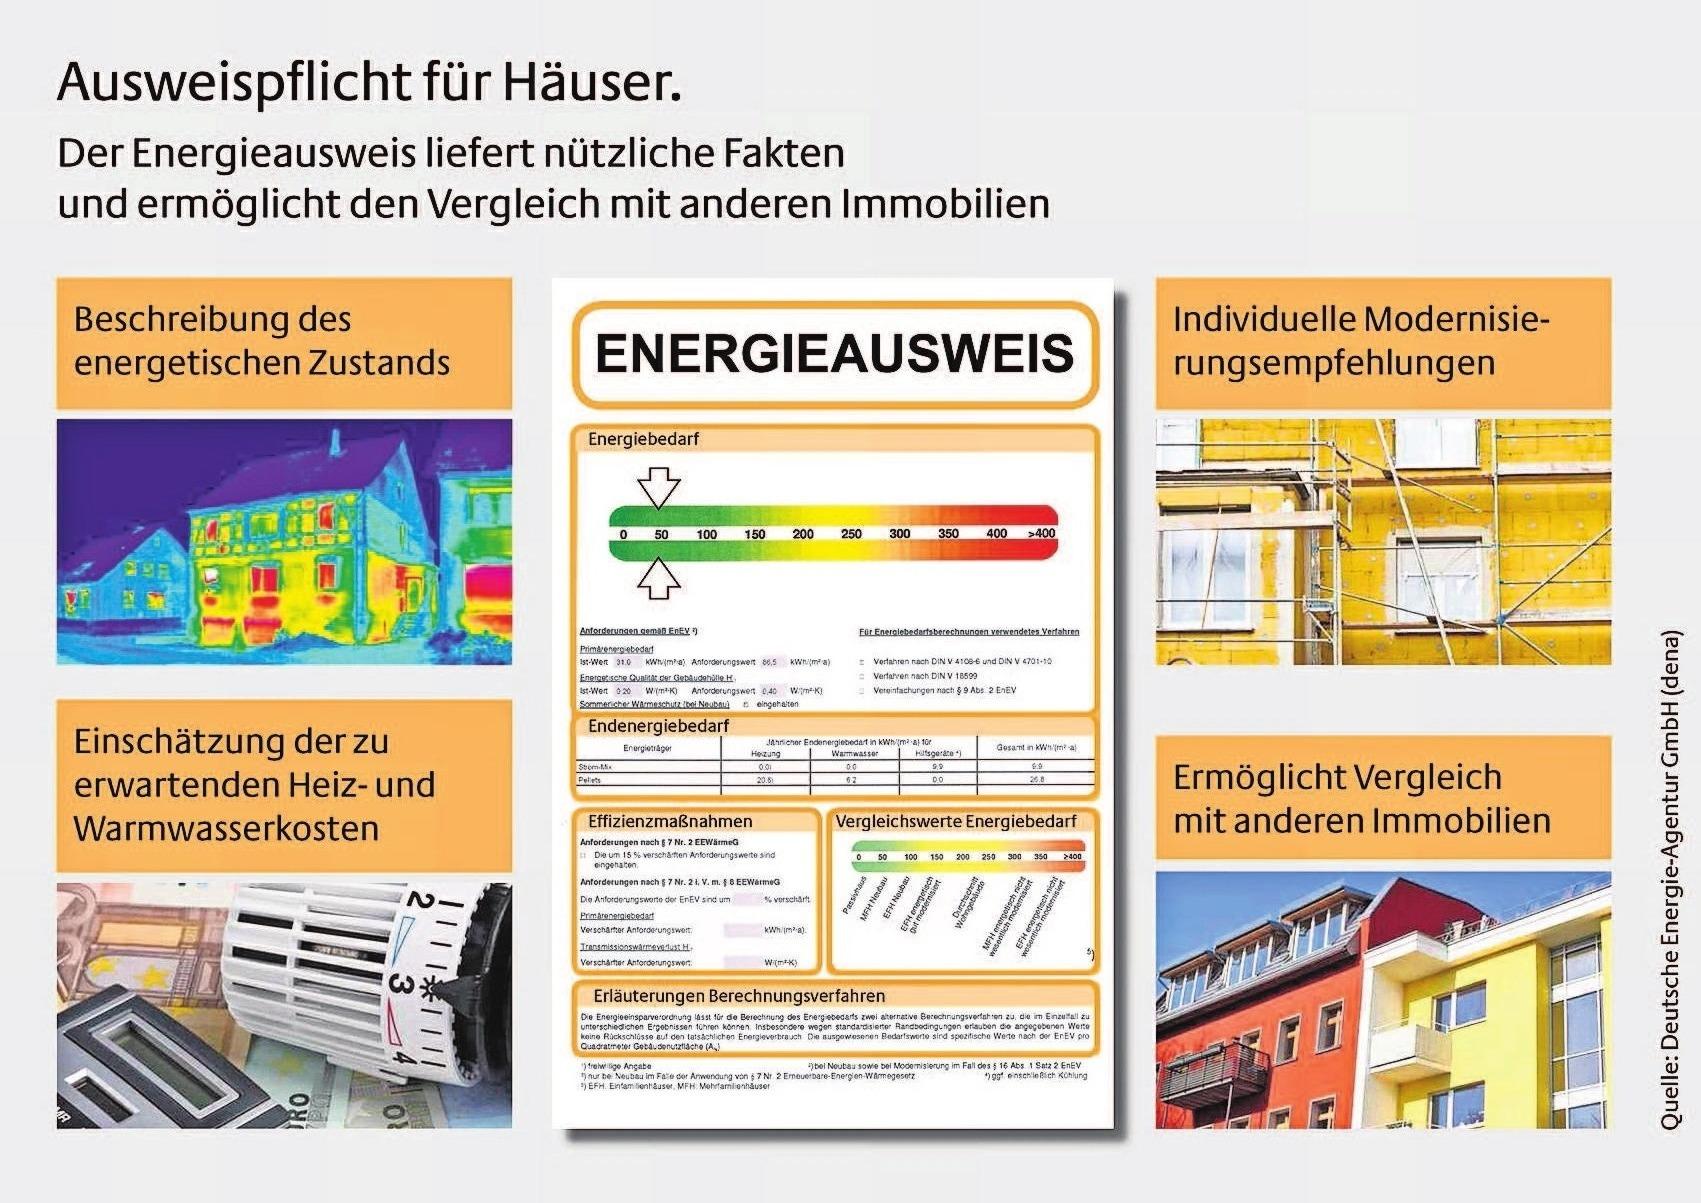 Dank der gesetzlich vorgeschriebenen Energieausweise lässt sich die Energieeffizienz von Immobilien besser miteinander vergleichen.